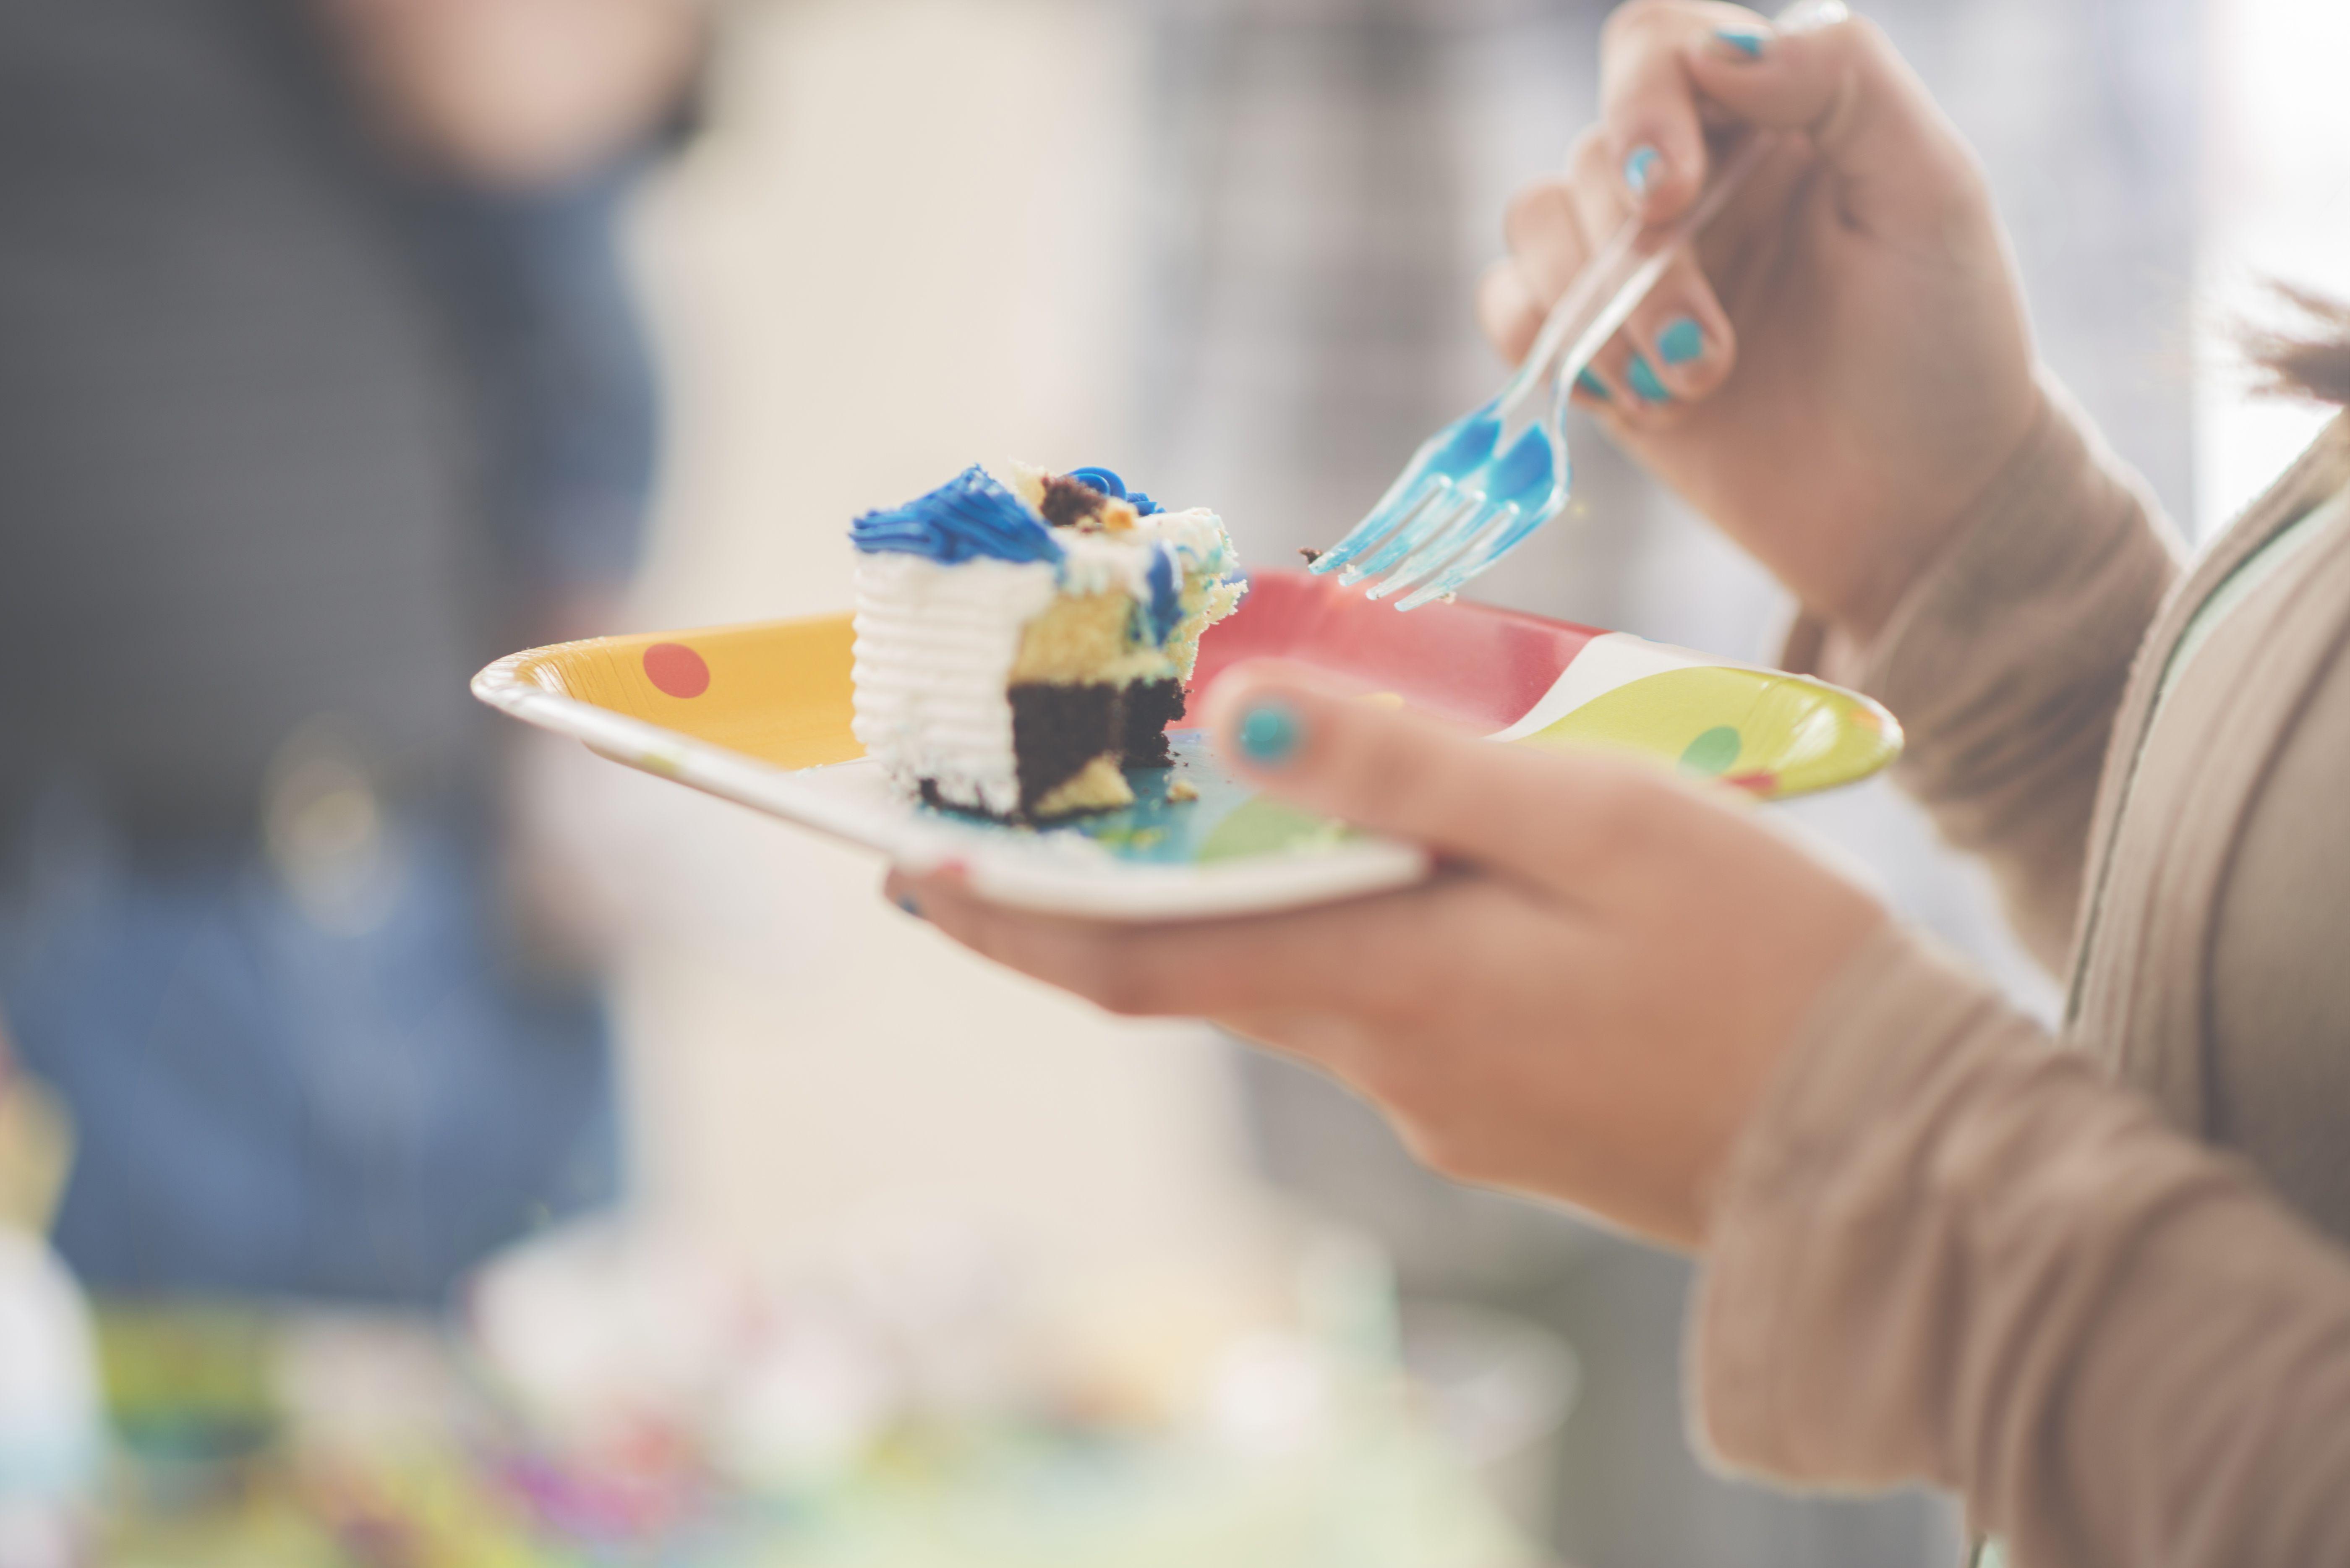 Girl eating slice of birthday cake